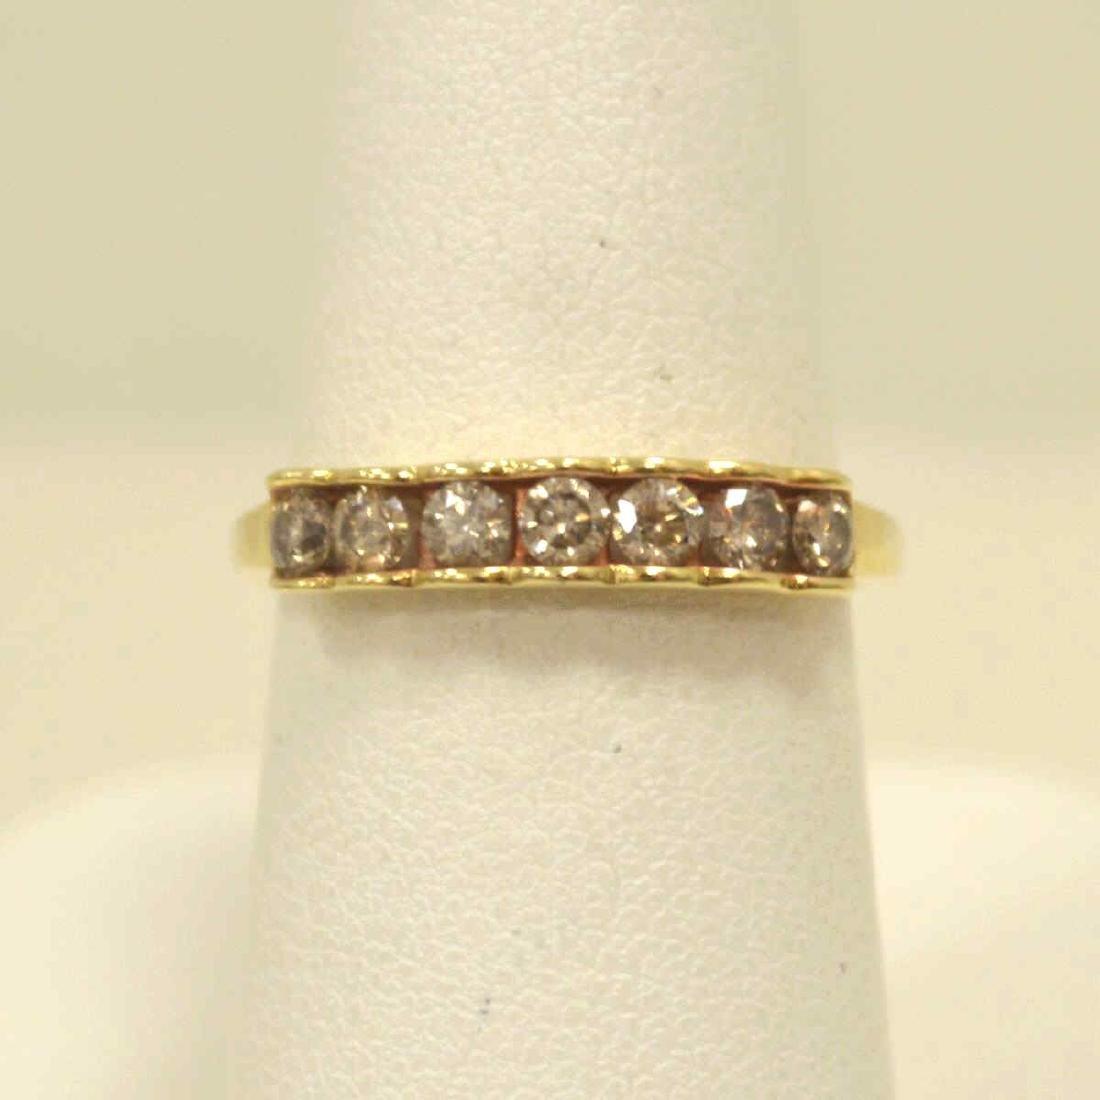 10kt yellow gold diamond band